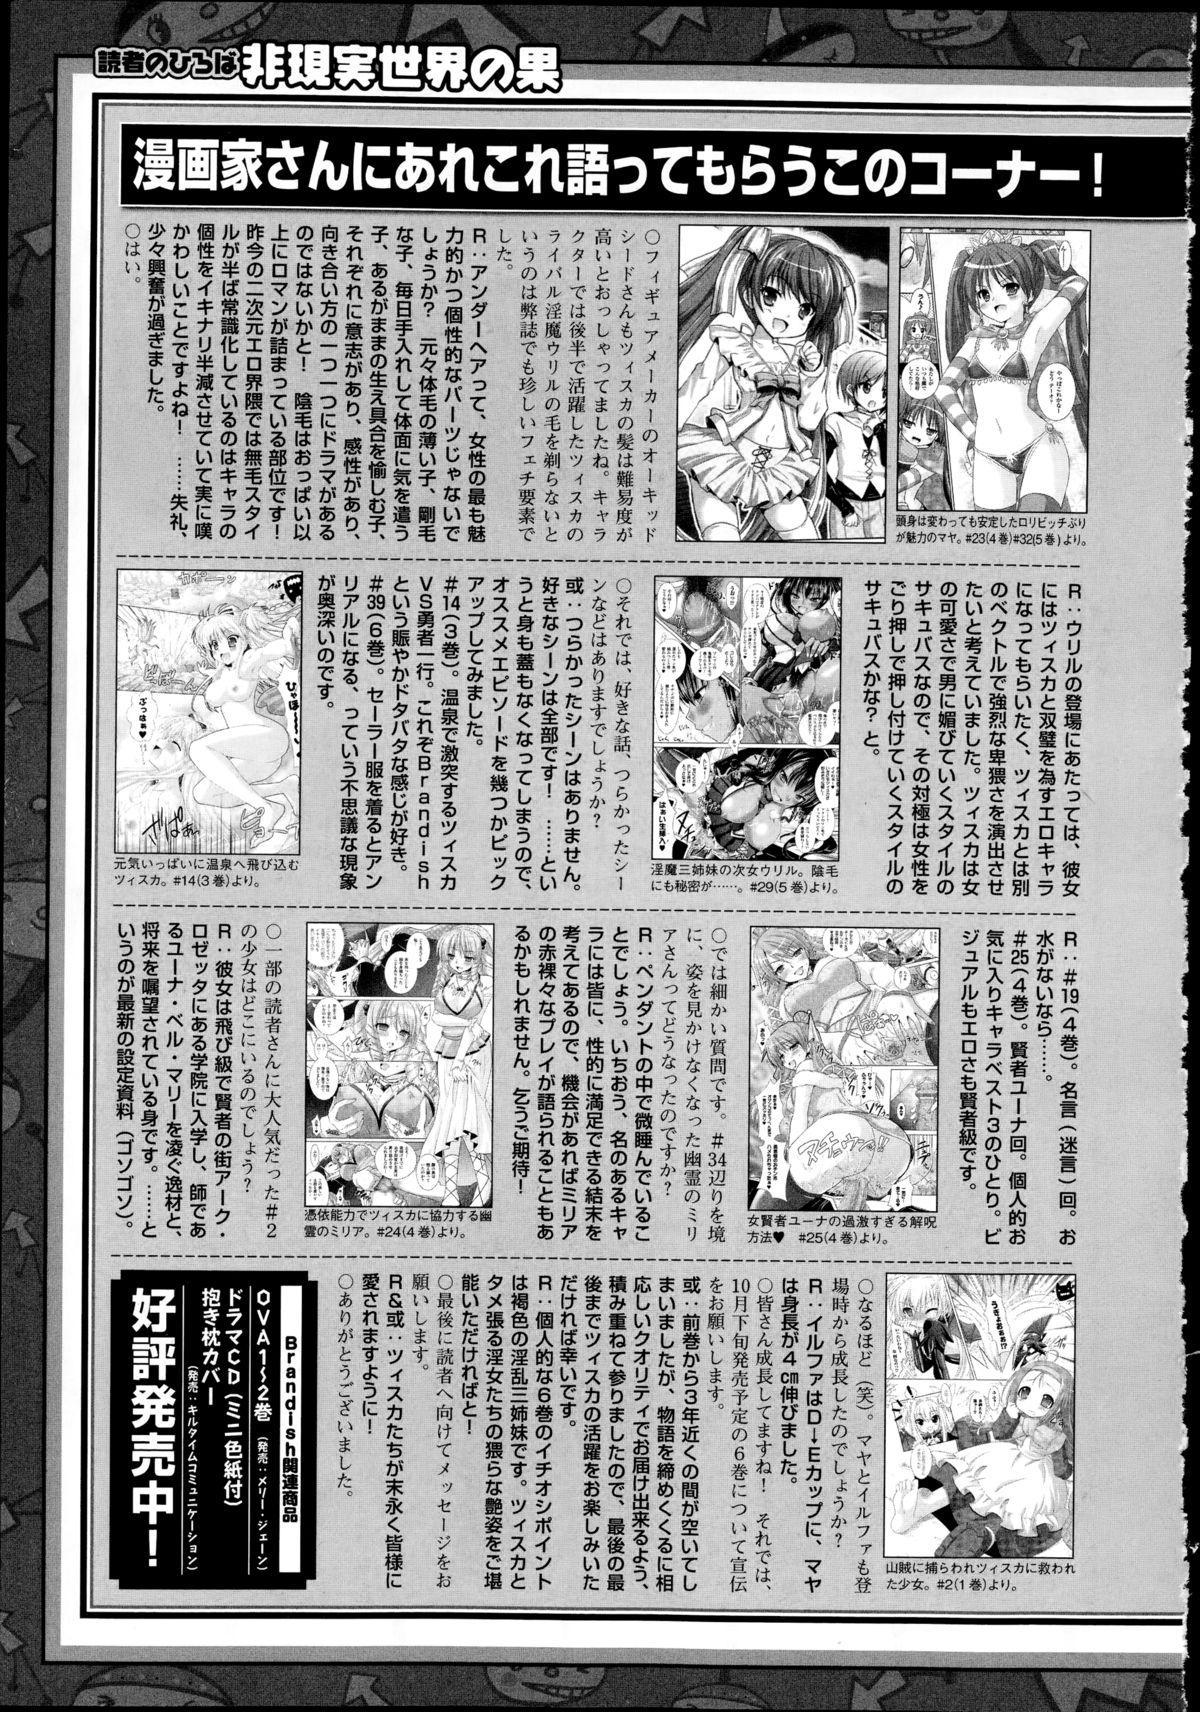 COMIC Unreal 2014-10 Vol.51 448